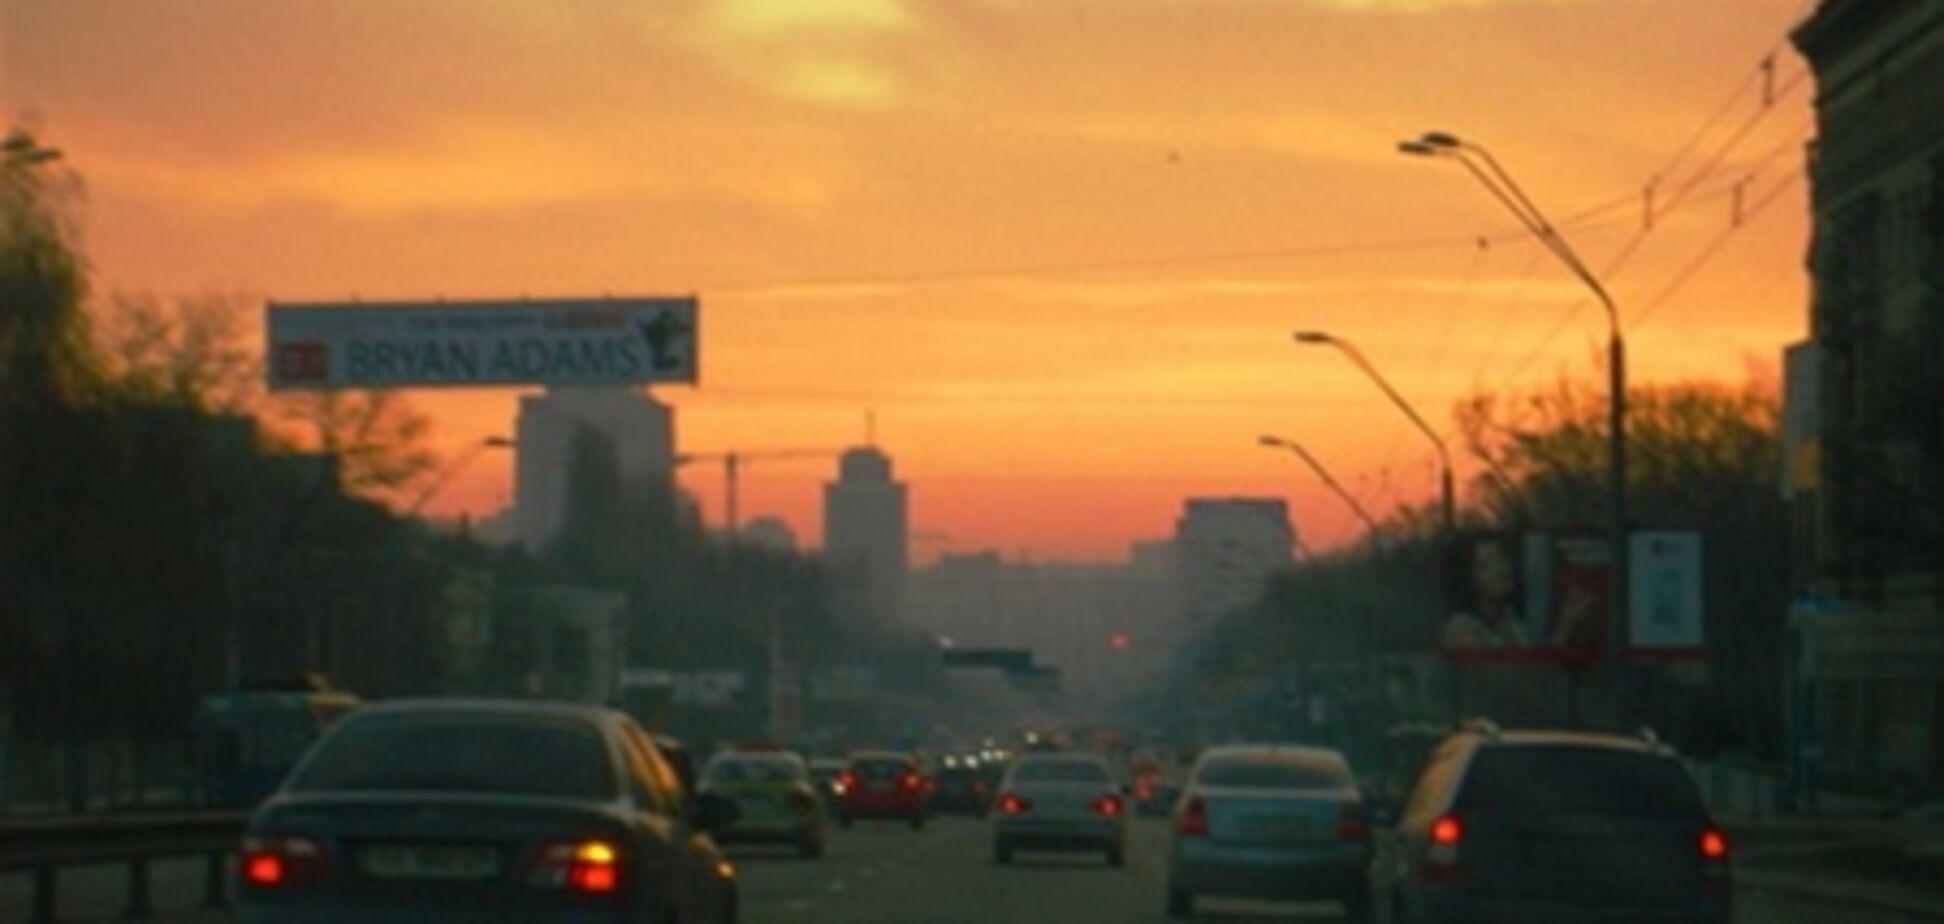 Чтобы в Киеве были нормальные дороги, нужны миллиарды